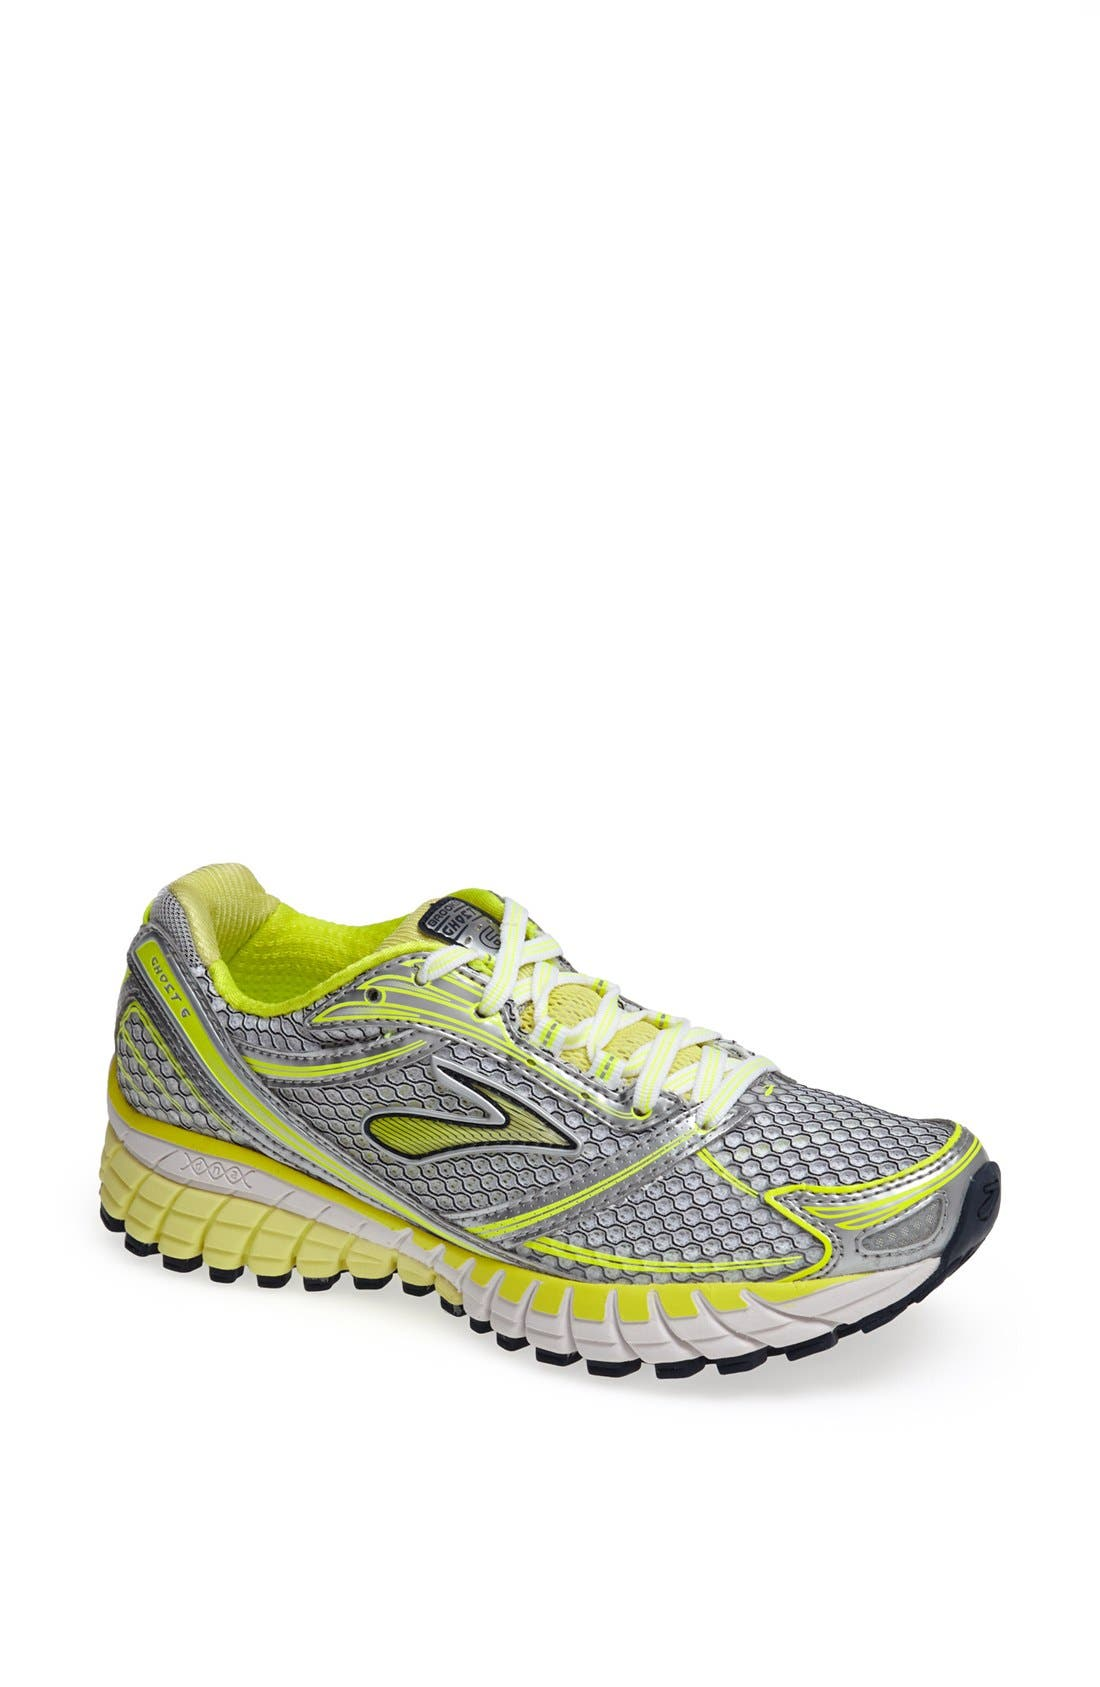 Alternate Image 1 Selected - Brooks 'Ghost 6' Running Shoe (Women) (Regular Retail Price: $109.95)